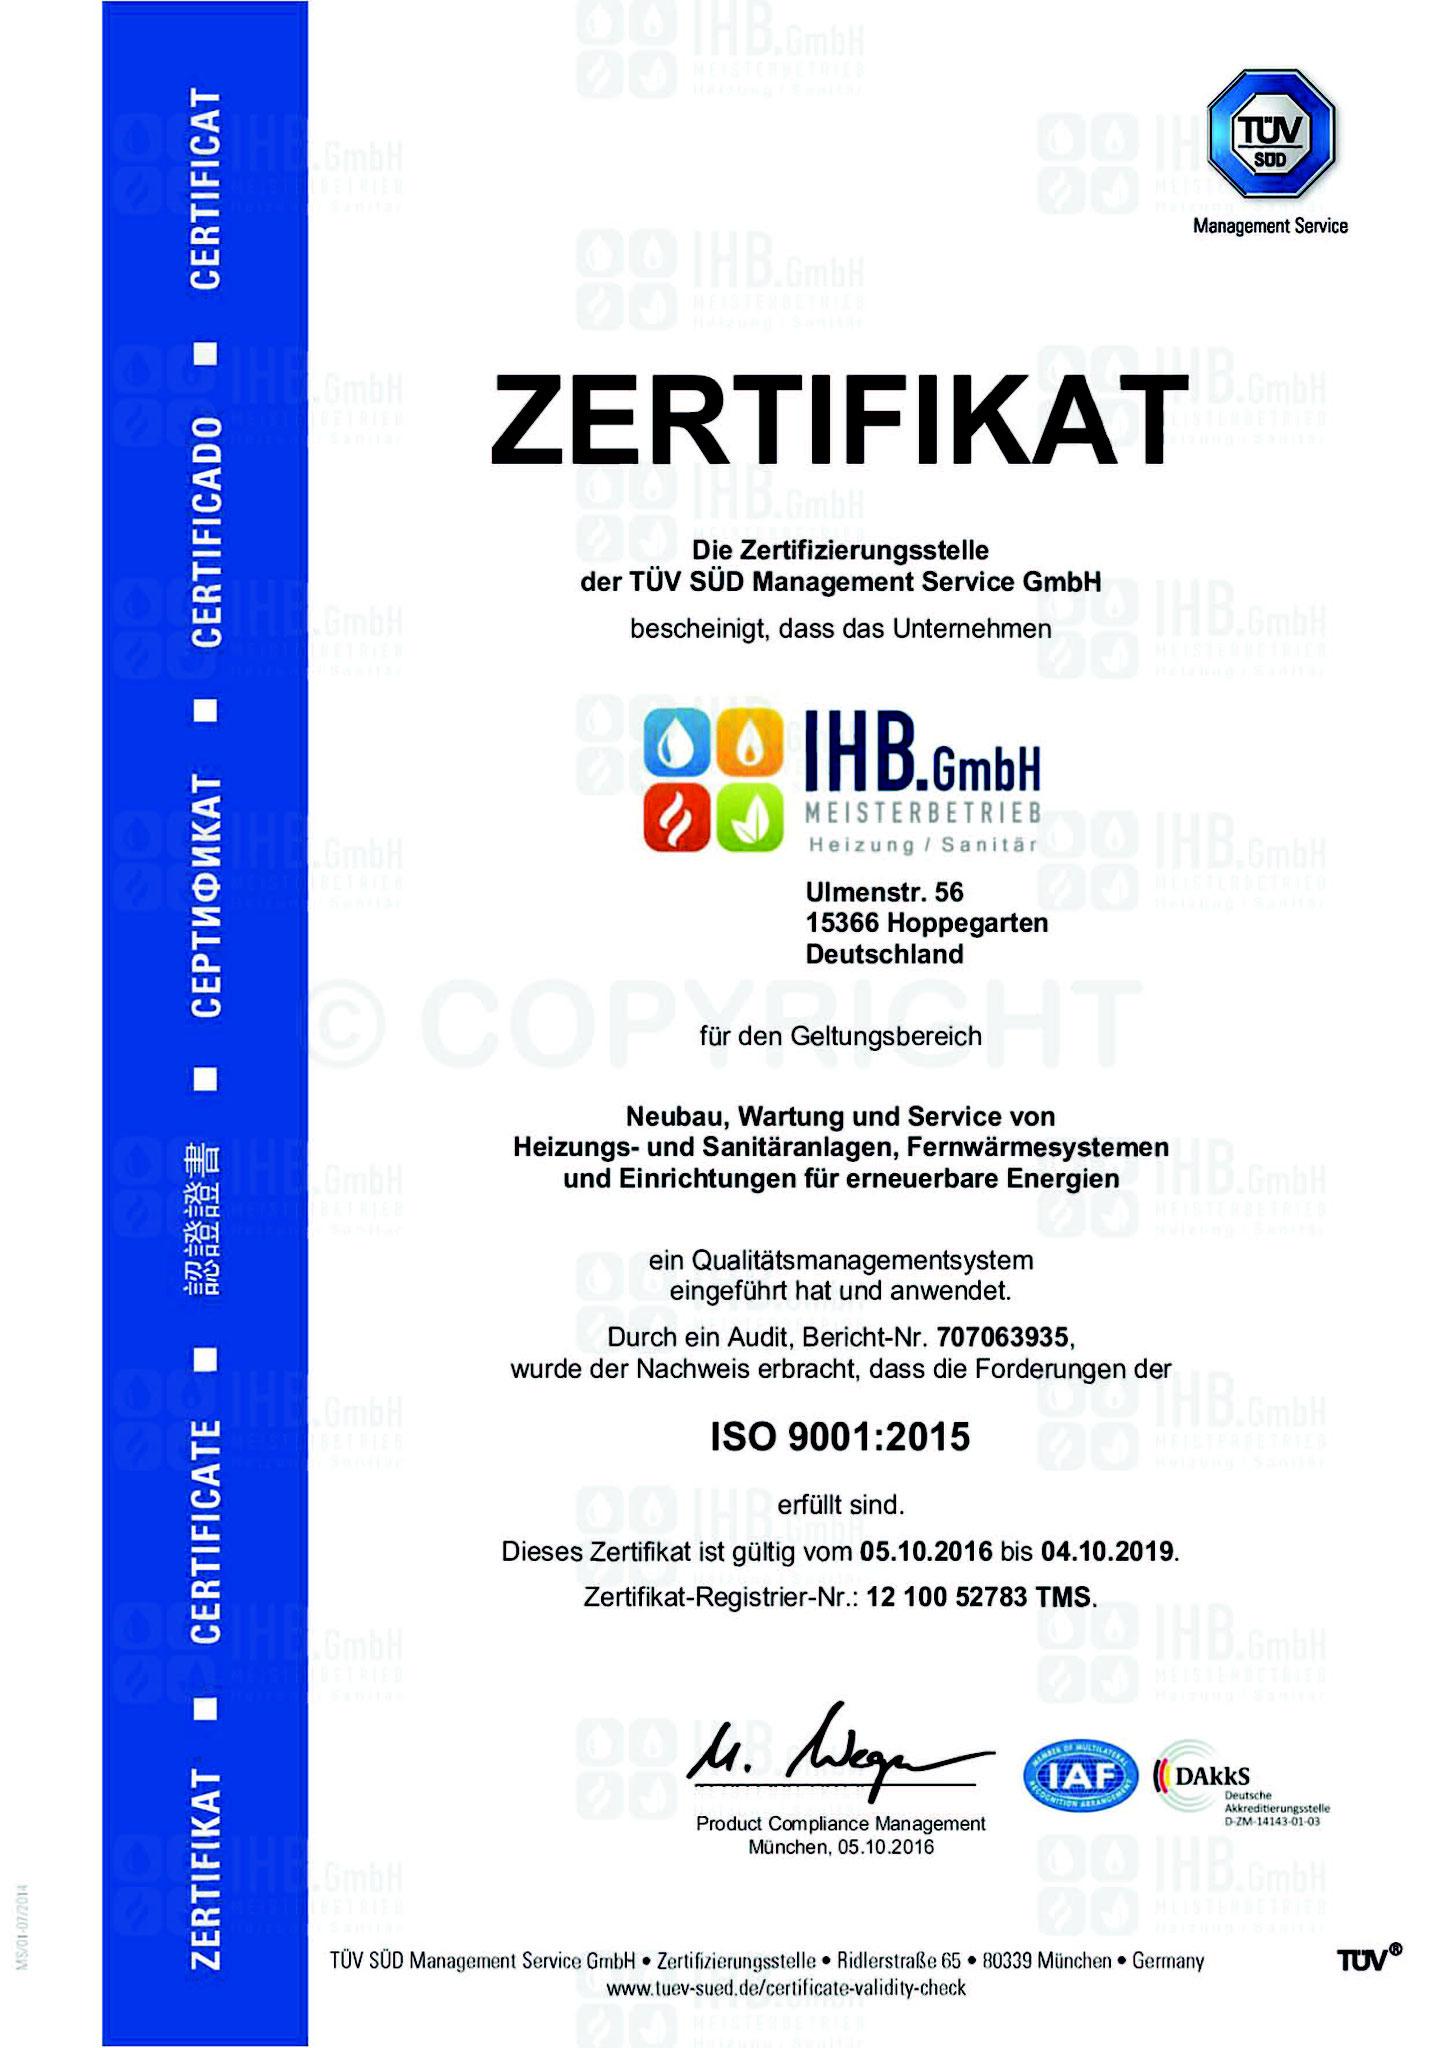 Zertifikat ISO 9001:2015 gültig bis 2019